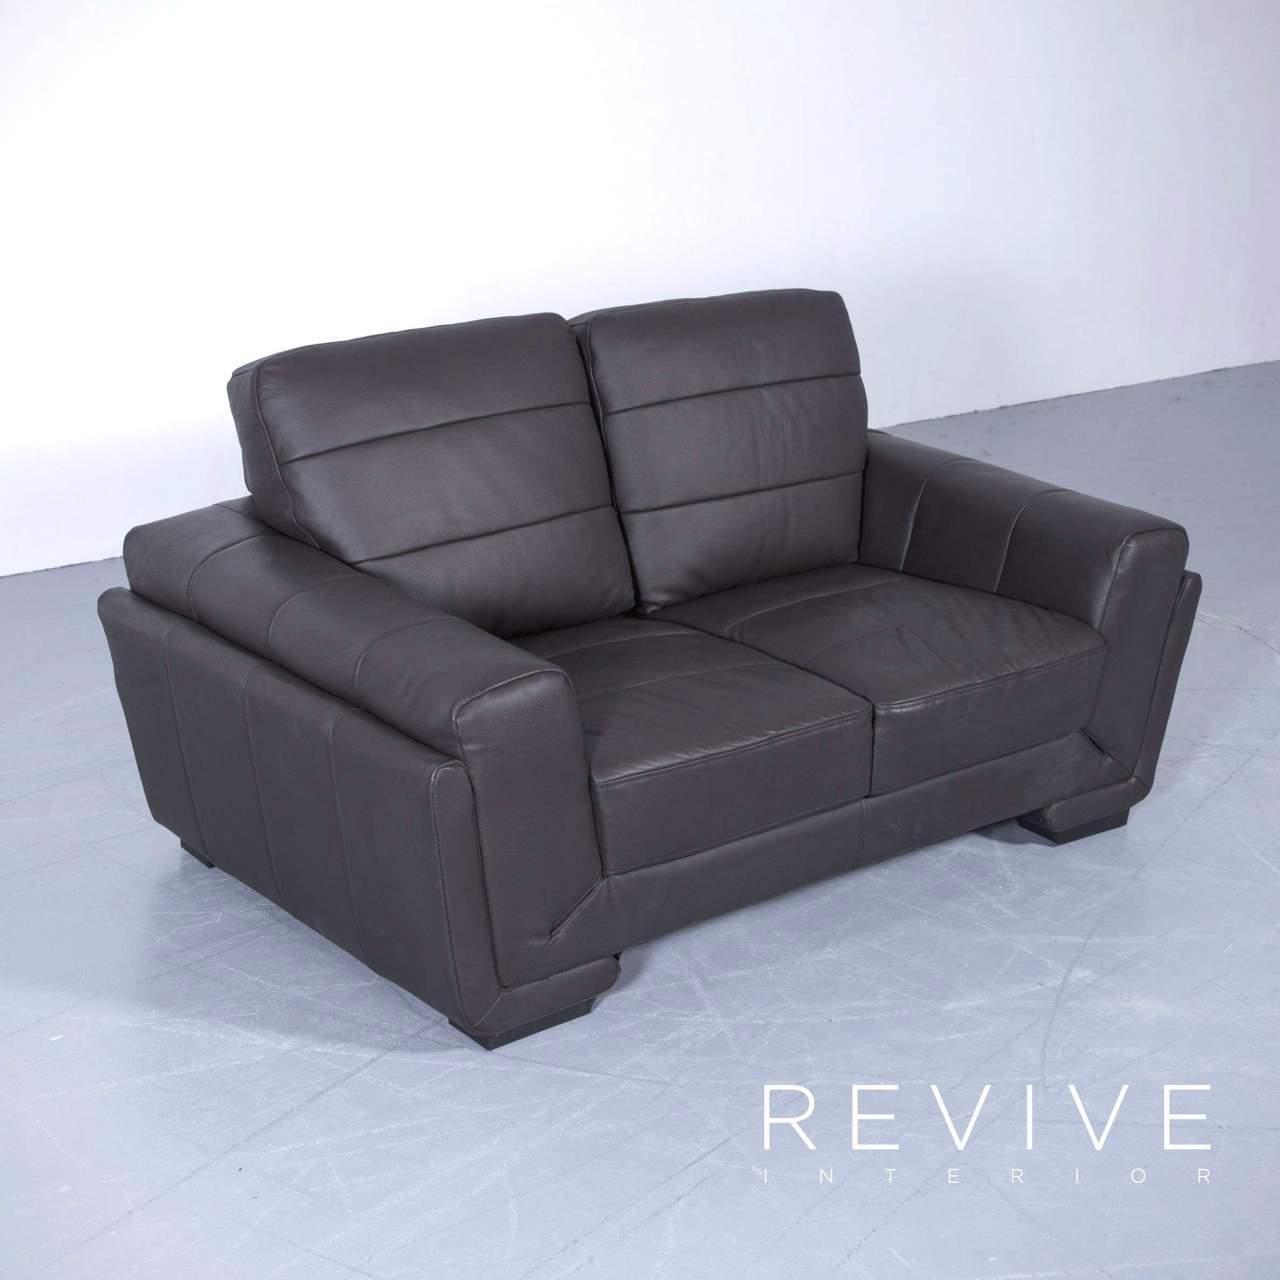 Aufbewahrungsbox Für Garten Frisch 35 Luxus Couch Garten Einzigartig